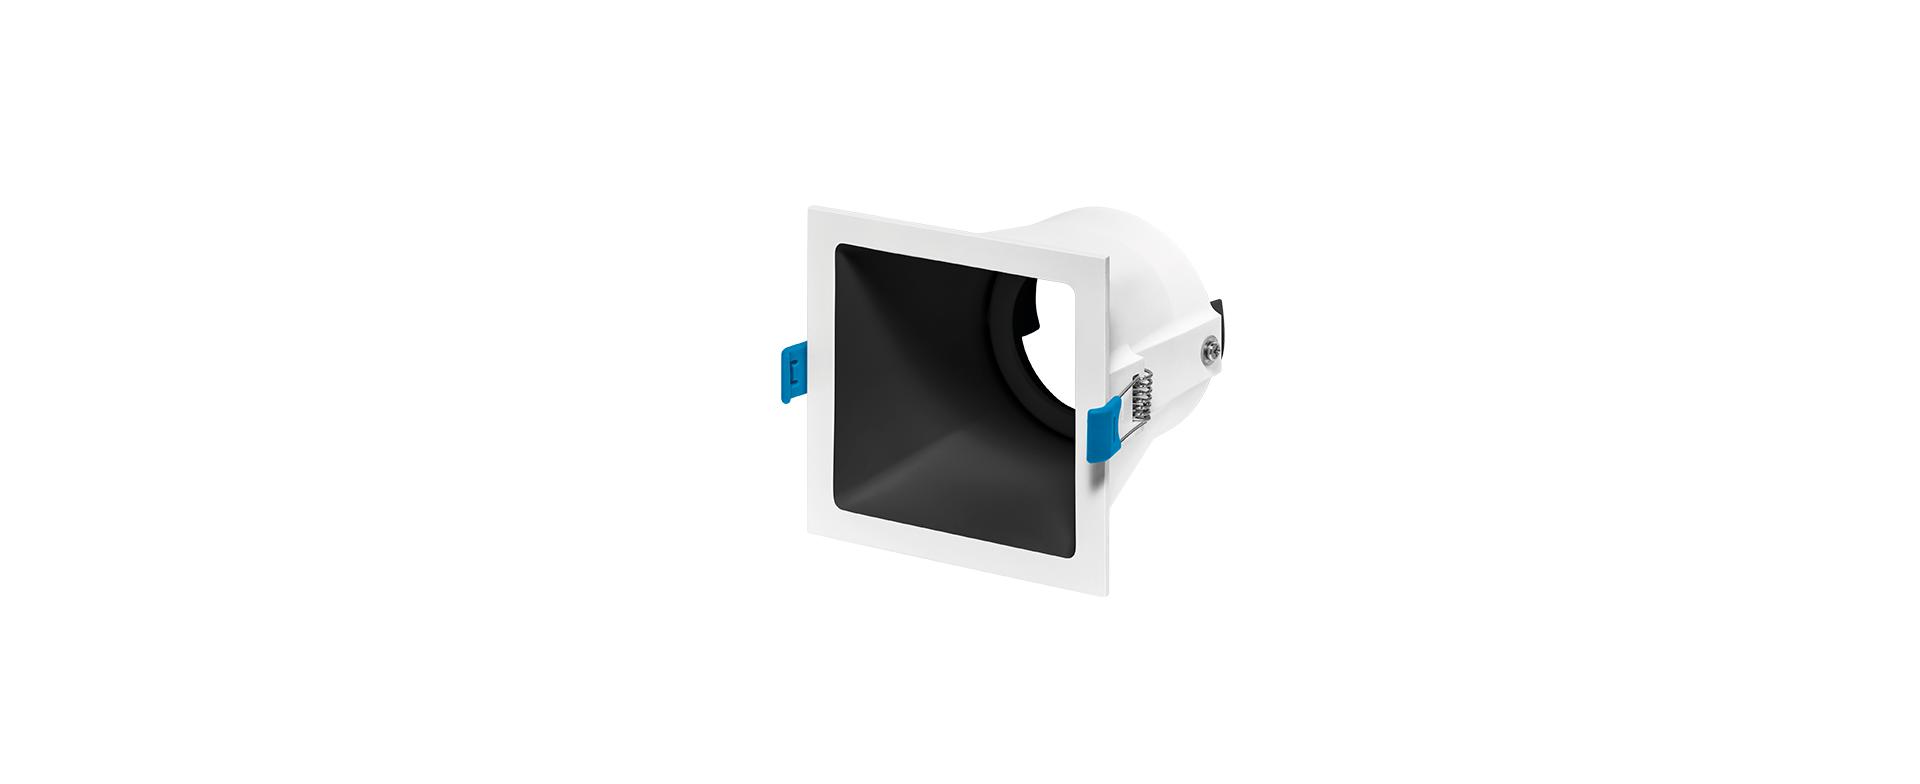 Spot de Embutir Recuado Square Ghost Luz Direcionável 1x PAR20 STH8950  Stella Design